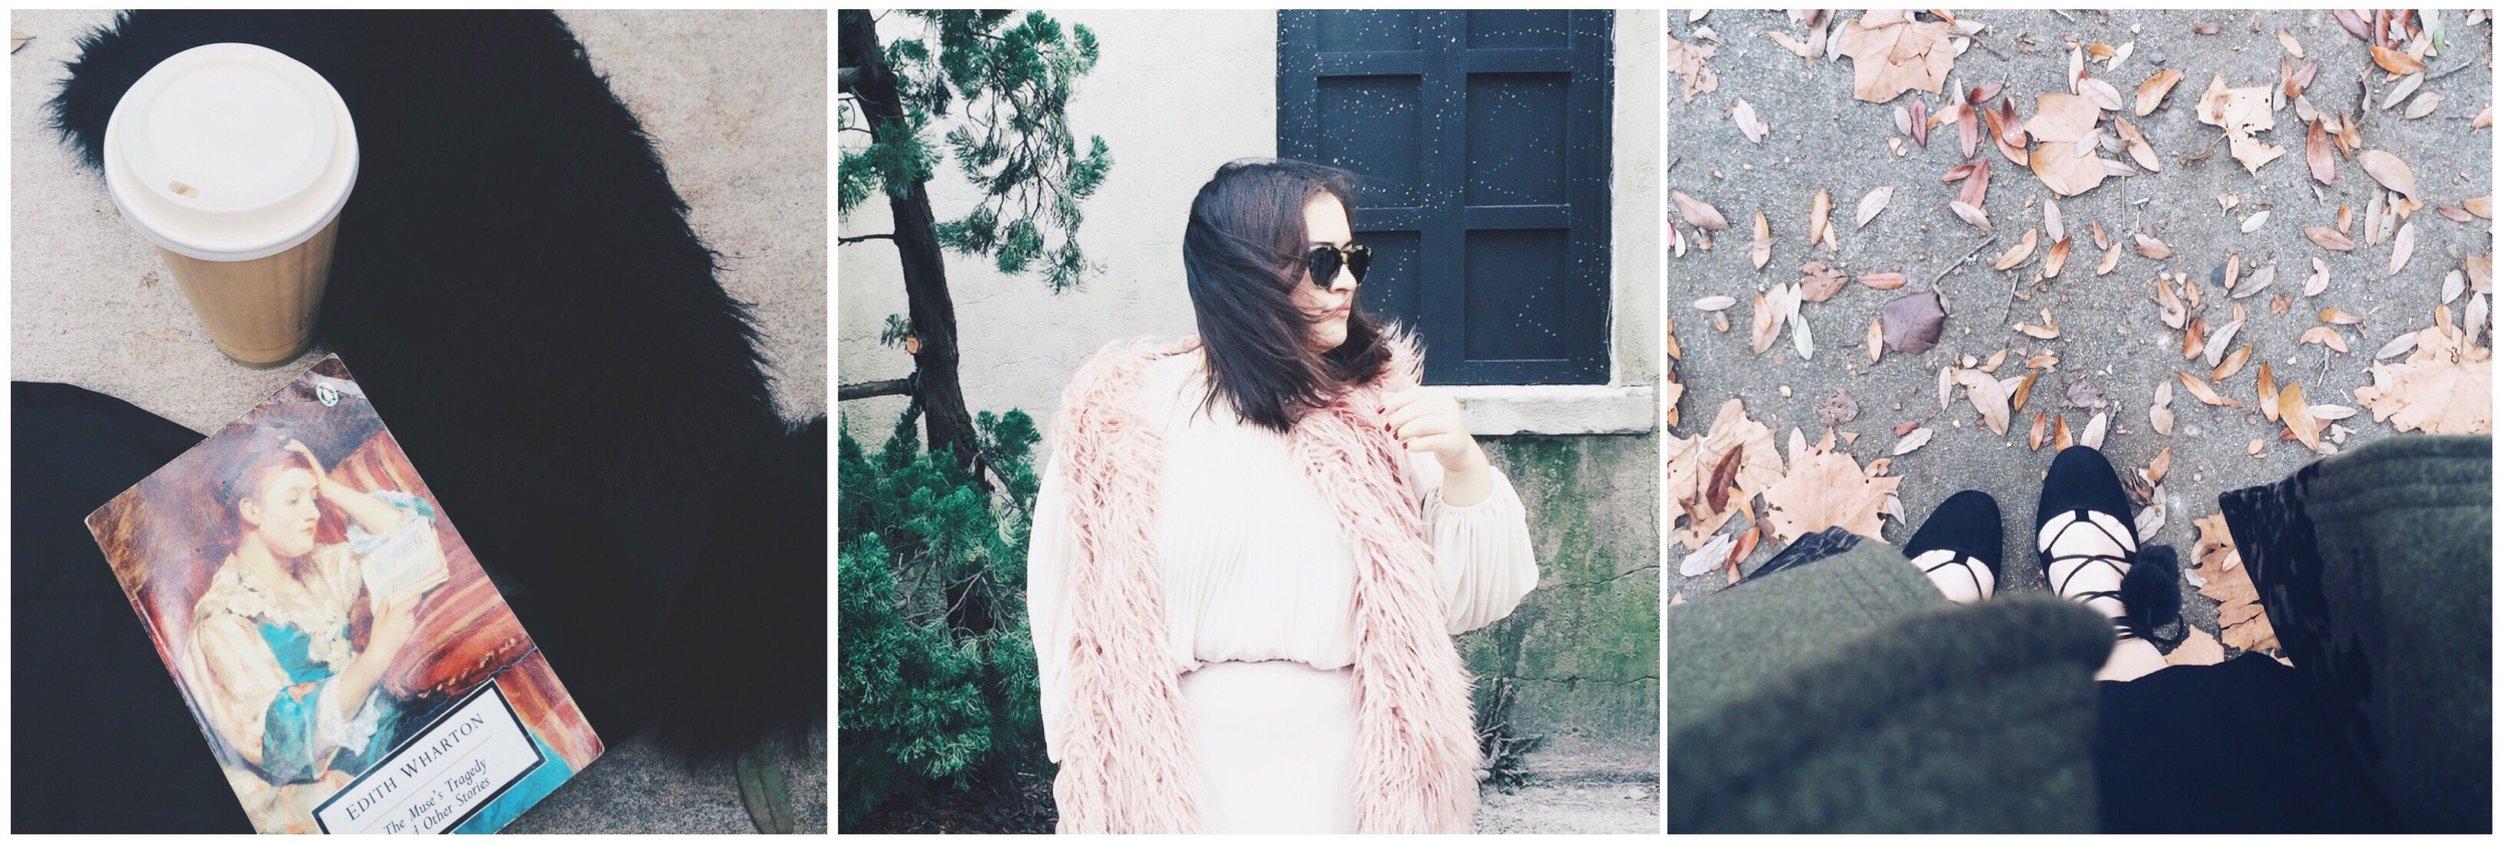 Raquel Reyes - Creative Director